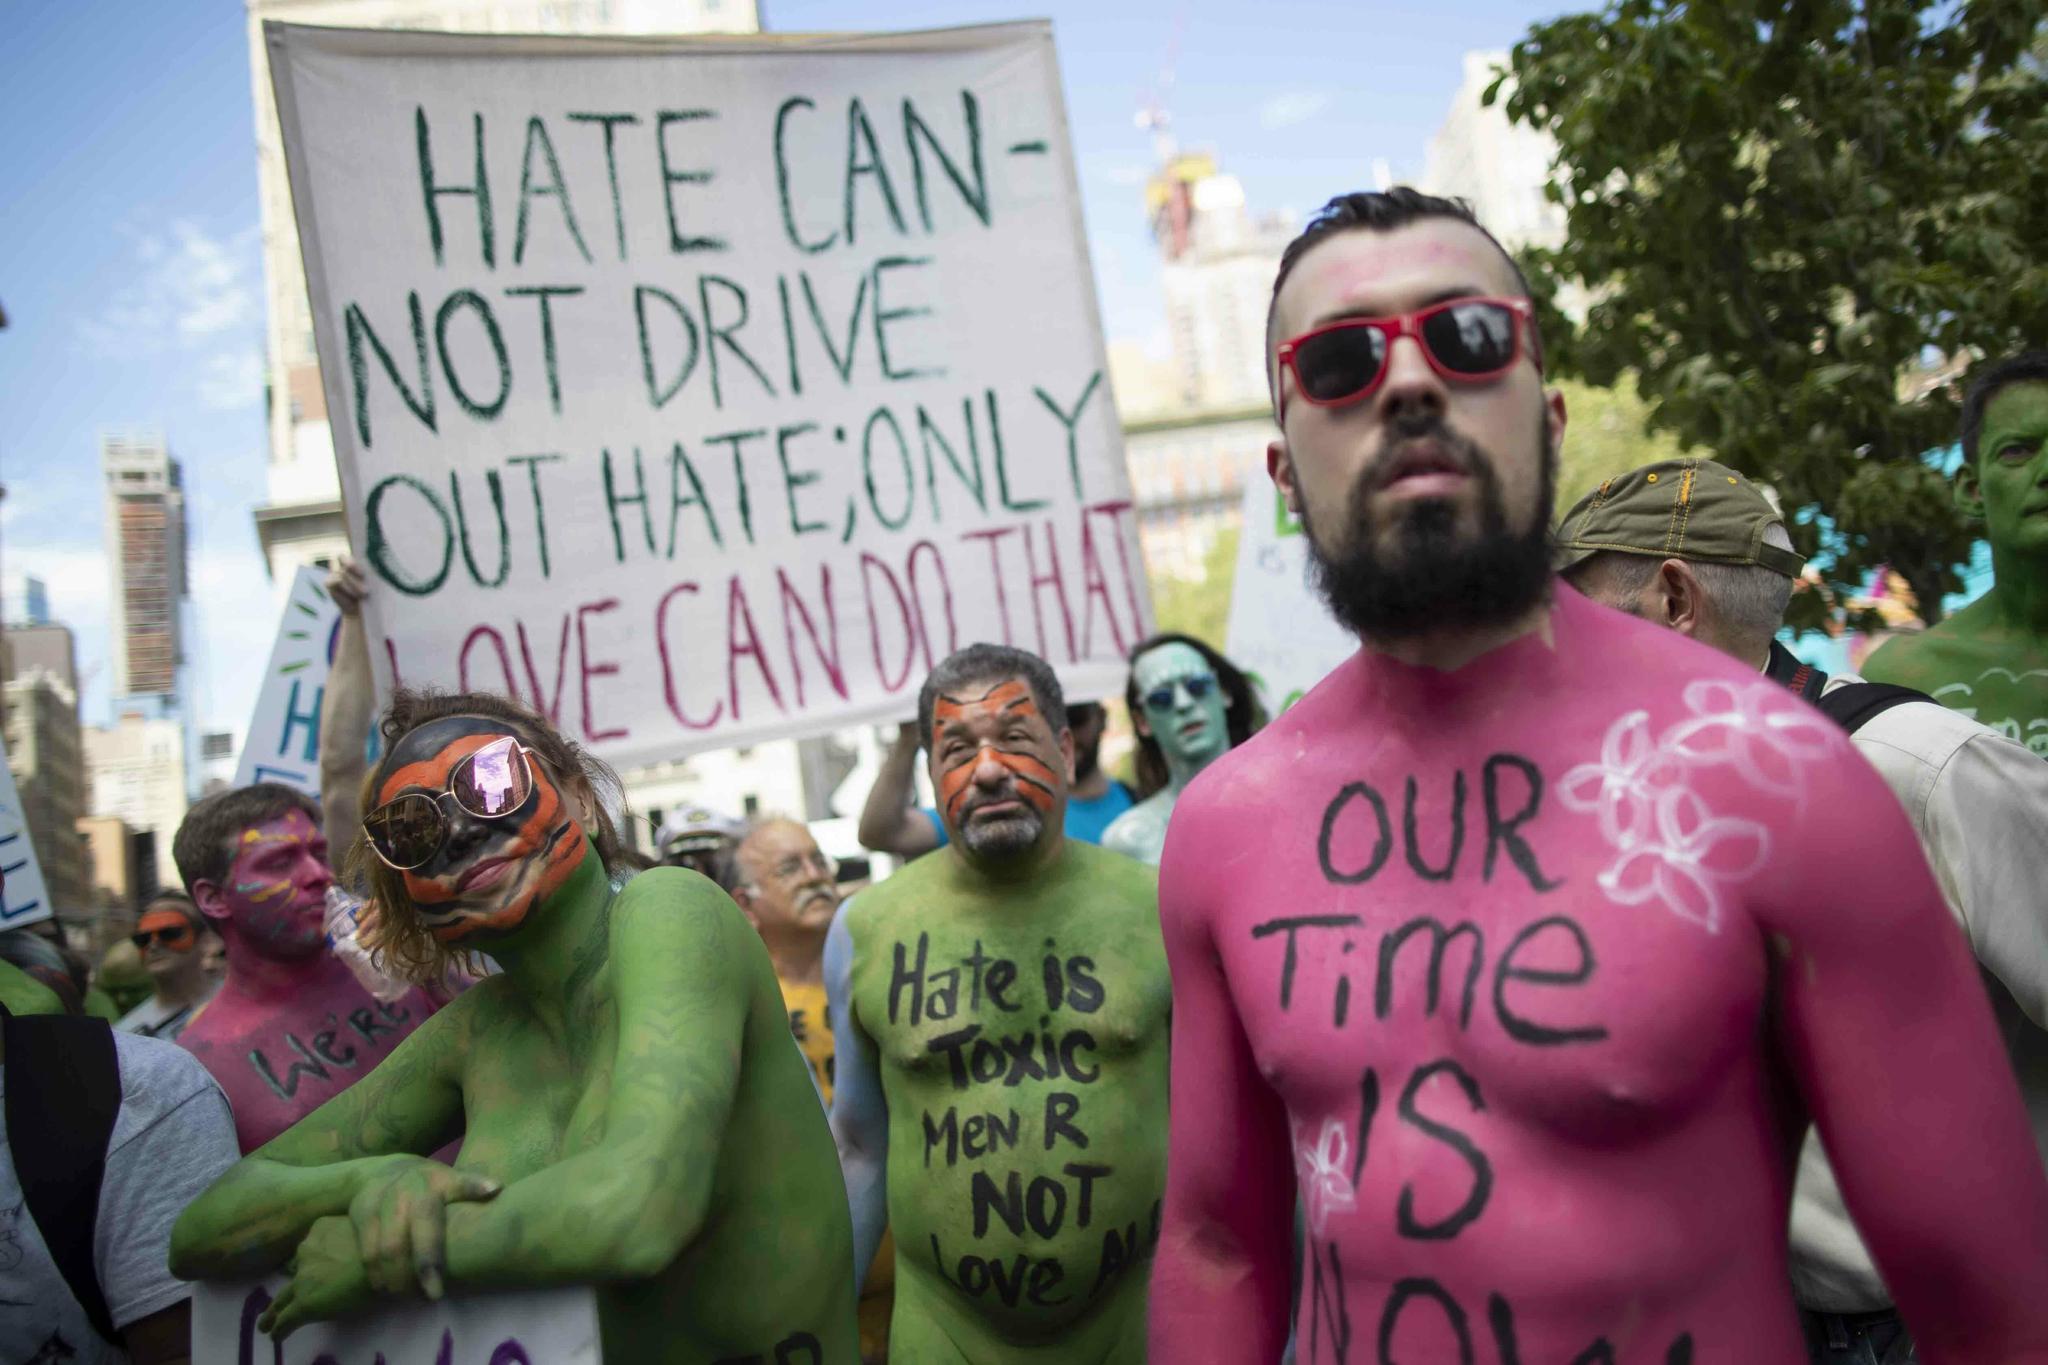 바디페인팅을 한 알몸시위대 모습. 자신들의 메시지를 몸과 플래카드에 쓴 채 시위에 나섰다. [AP=연합뉴스]